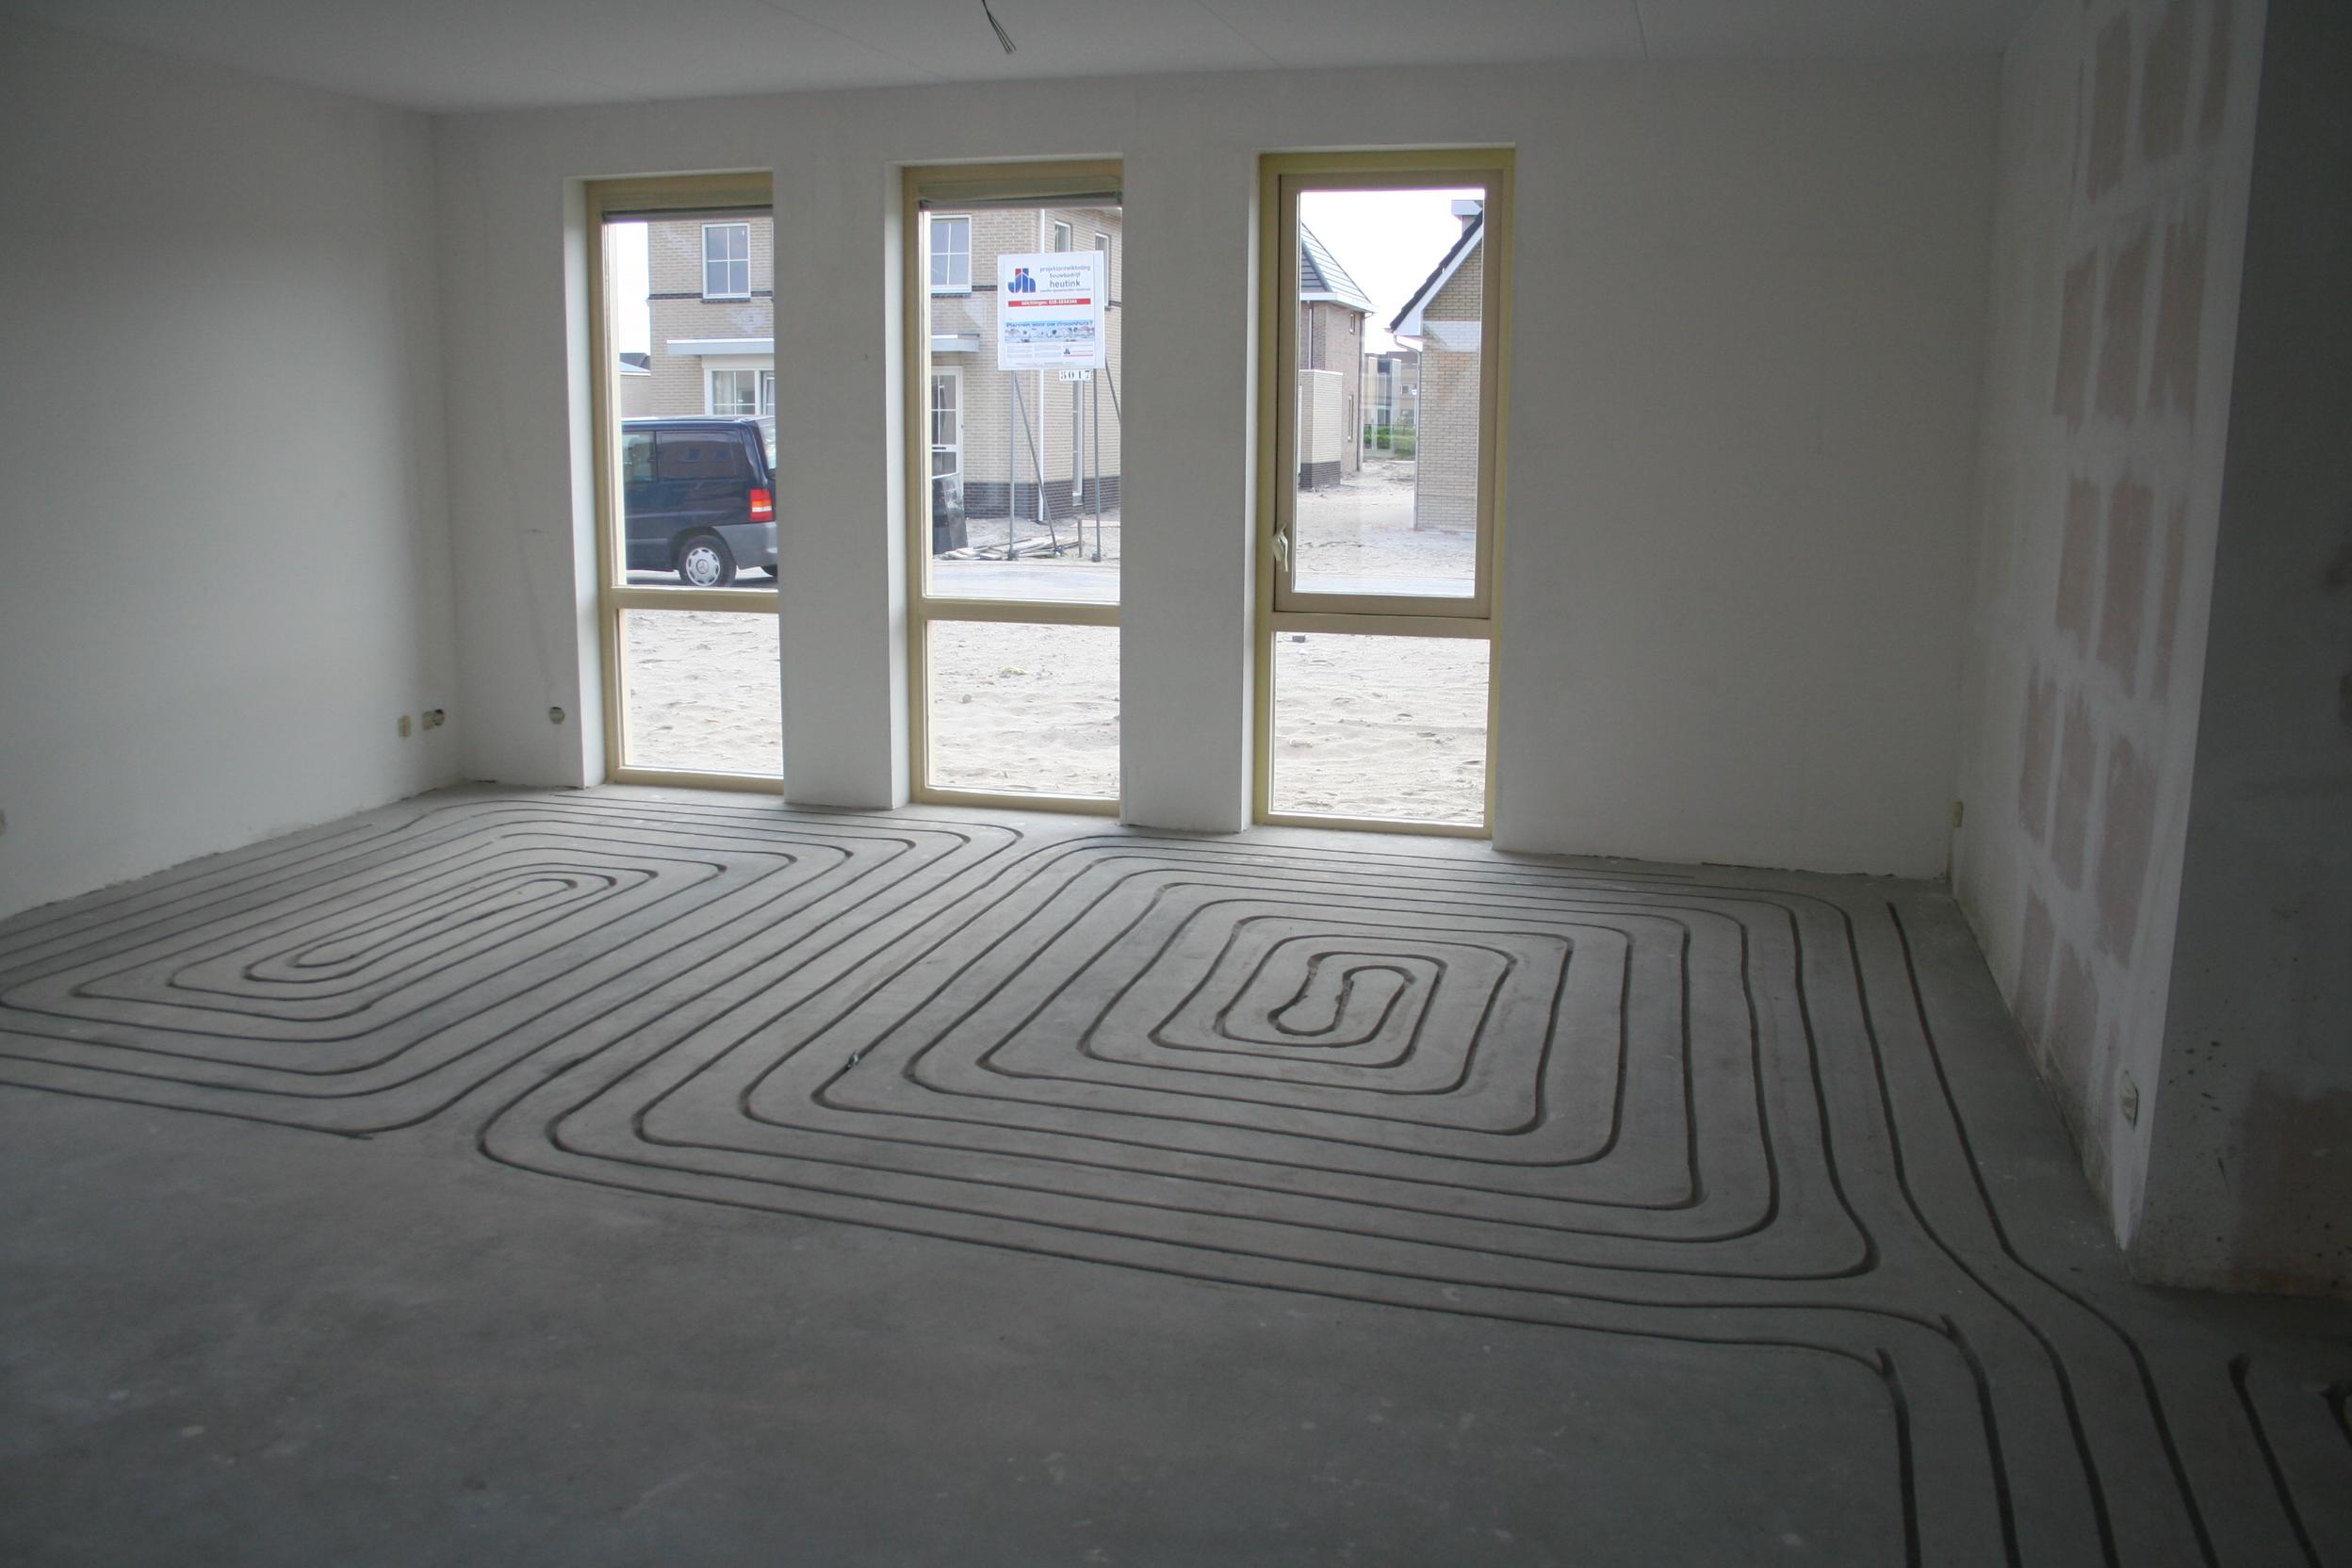 vloerverwarming bedrijf.nl -